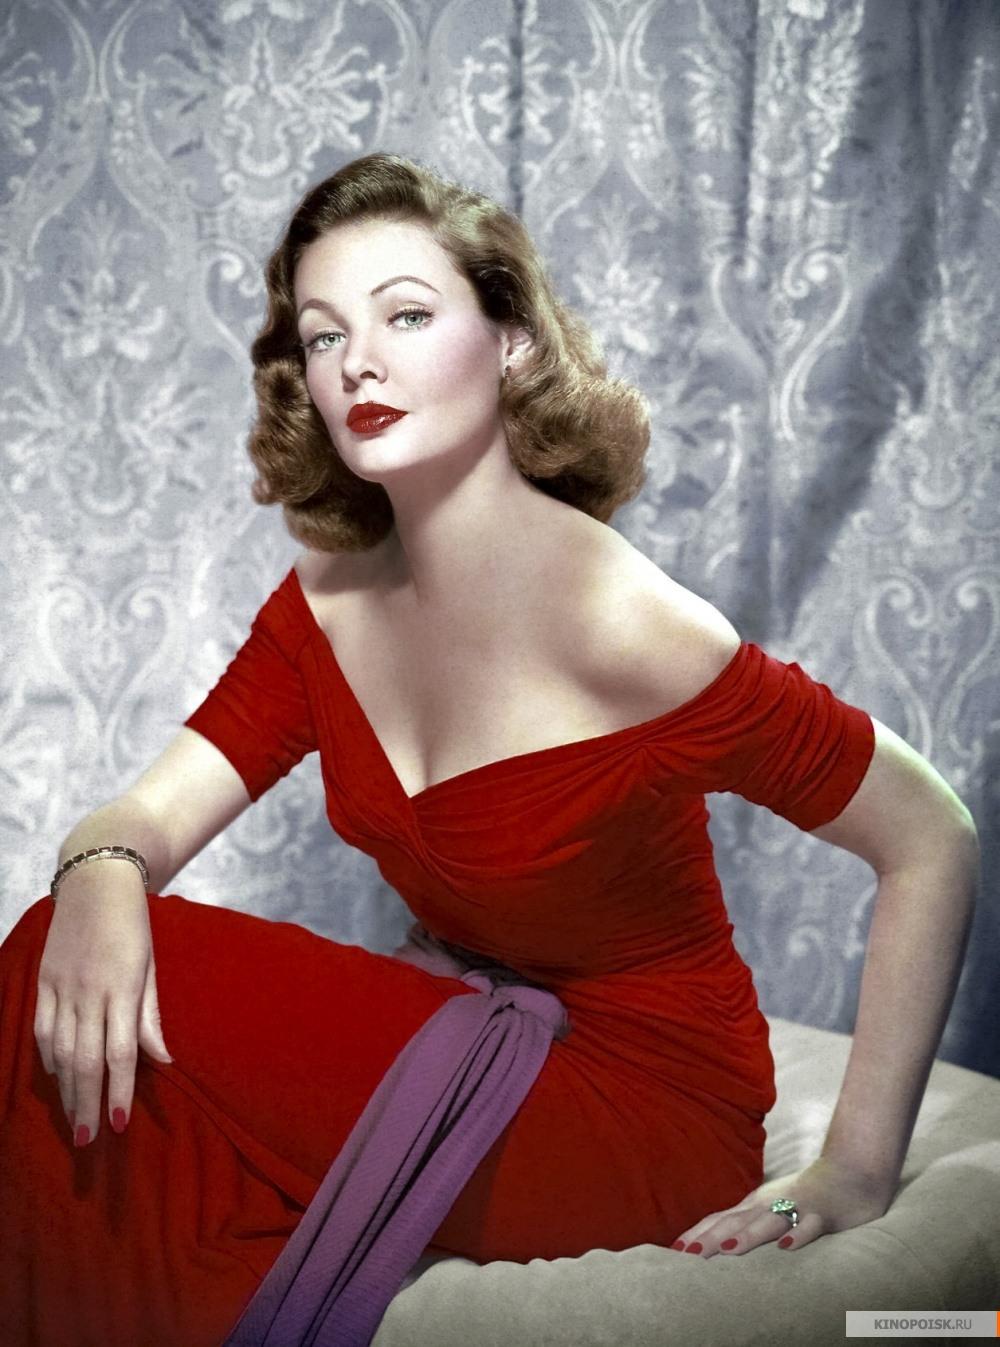 Фото дама в платье